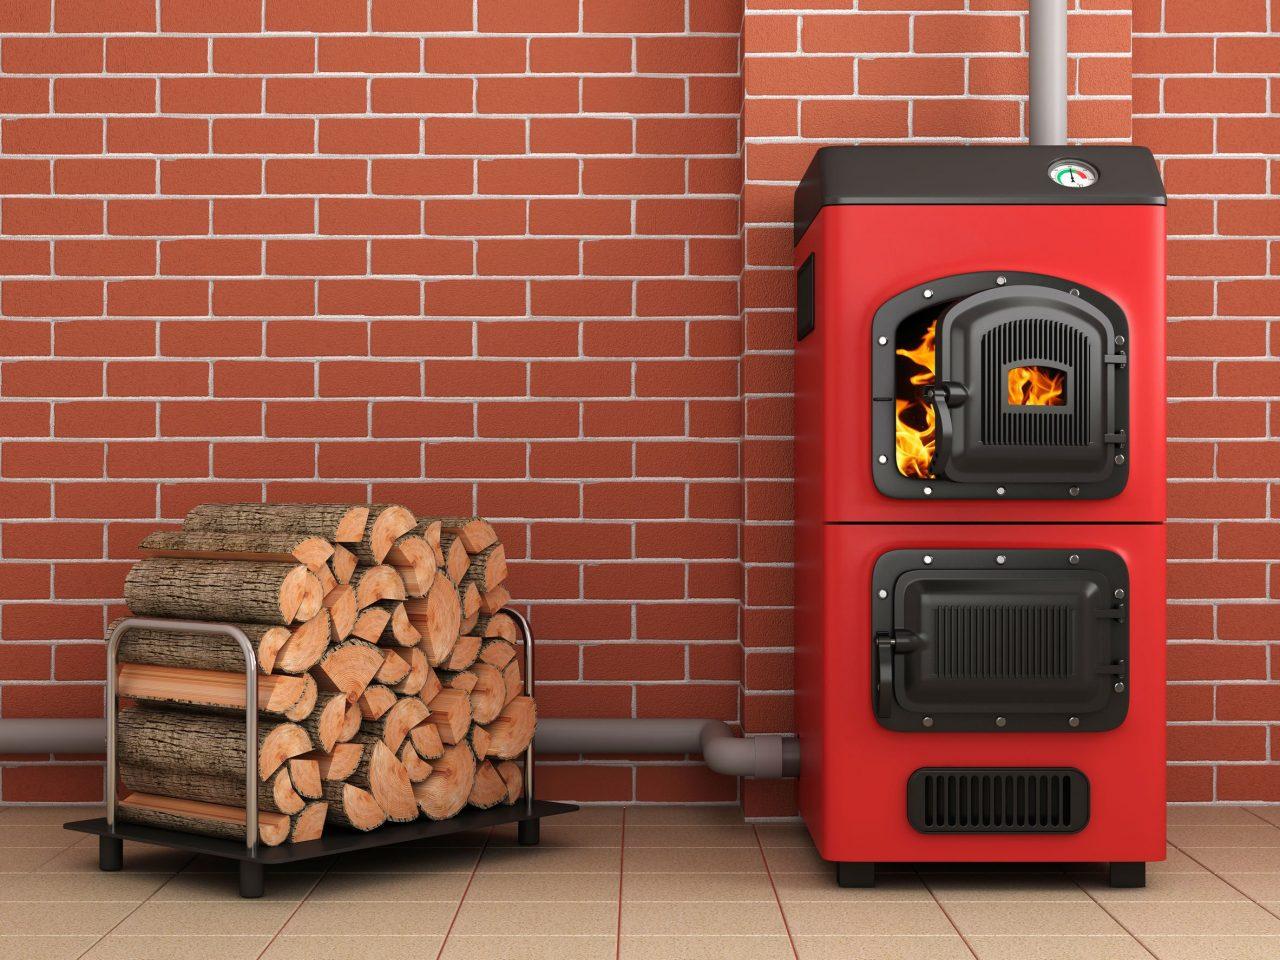 La chaudière à bois - image